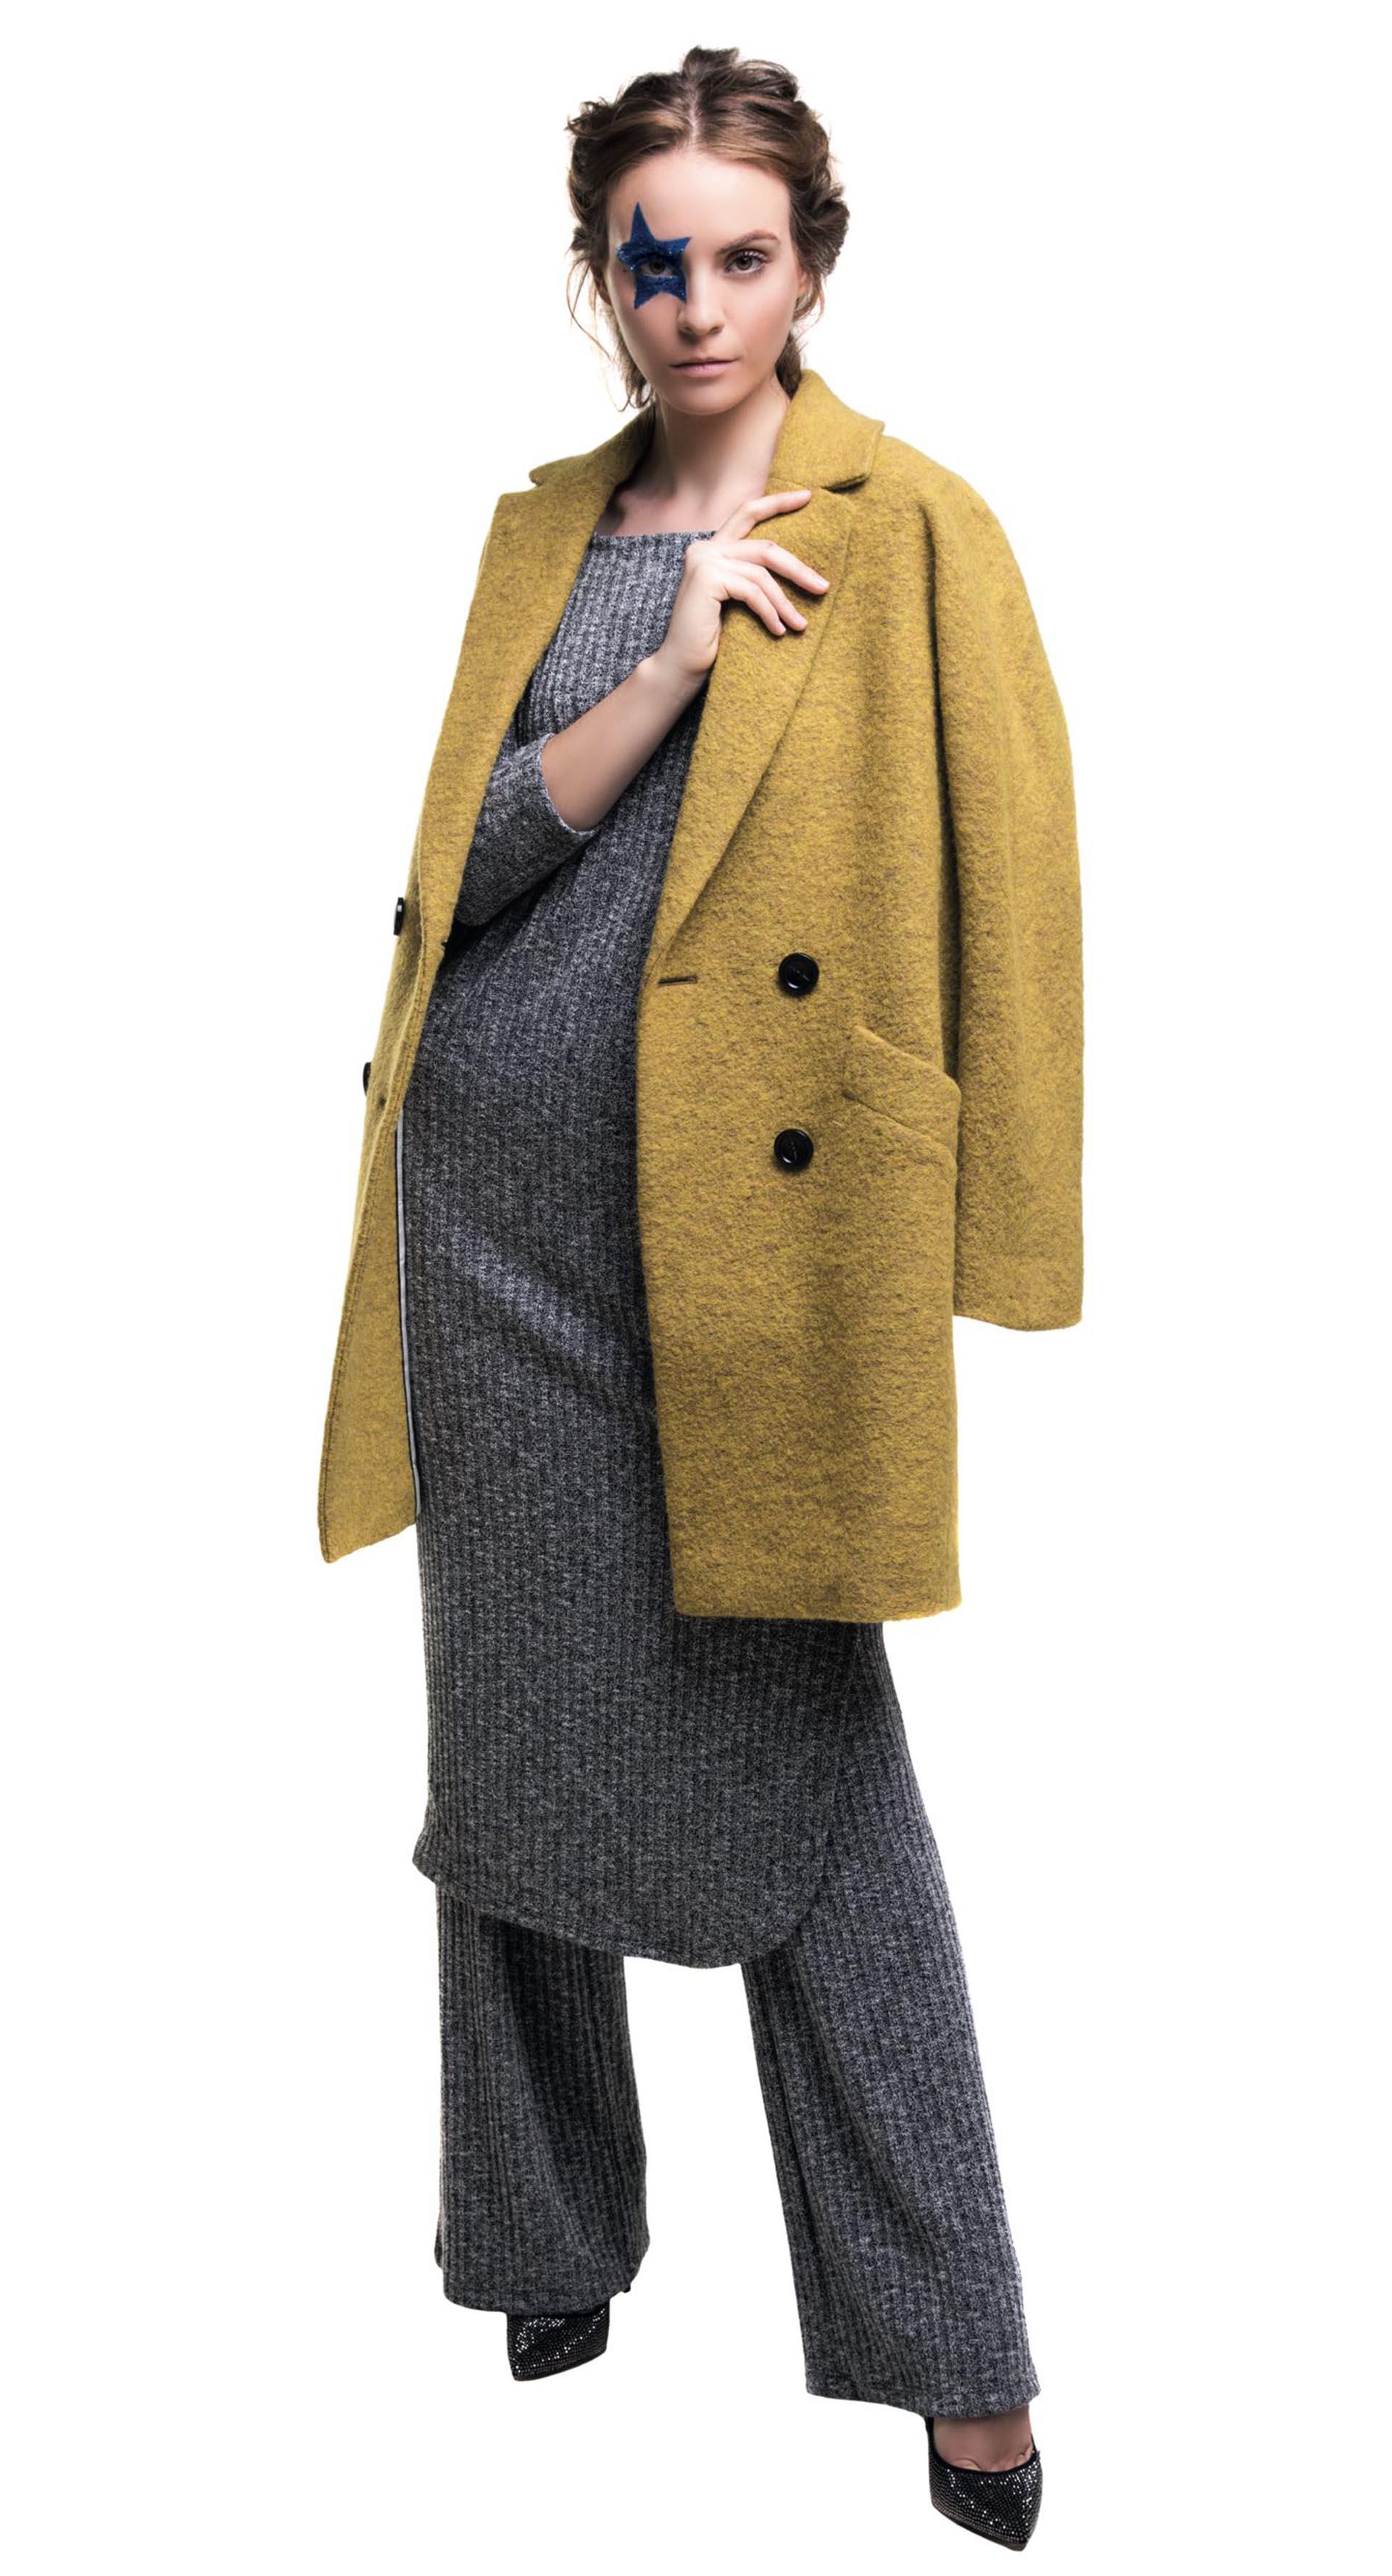 Tapado de bouclé ($ 9.800, Carmela Achaval), vestido largo tejido y pantalón ancho tejido ($ 998 y $ 920, Peuque) y stilettos con glitter ($ 2.600, Aldo para Grimoldi).